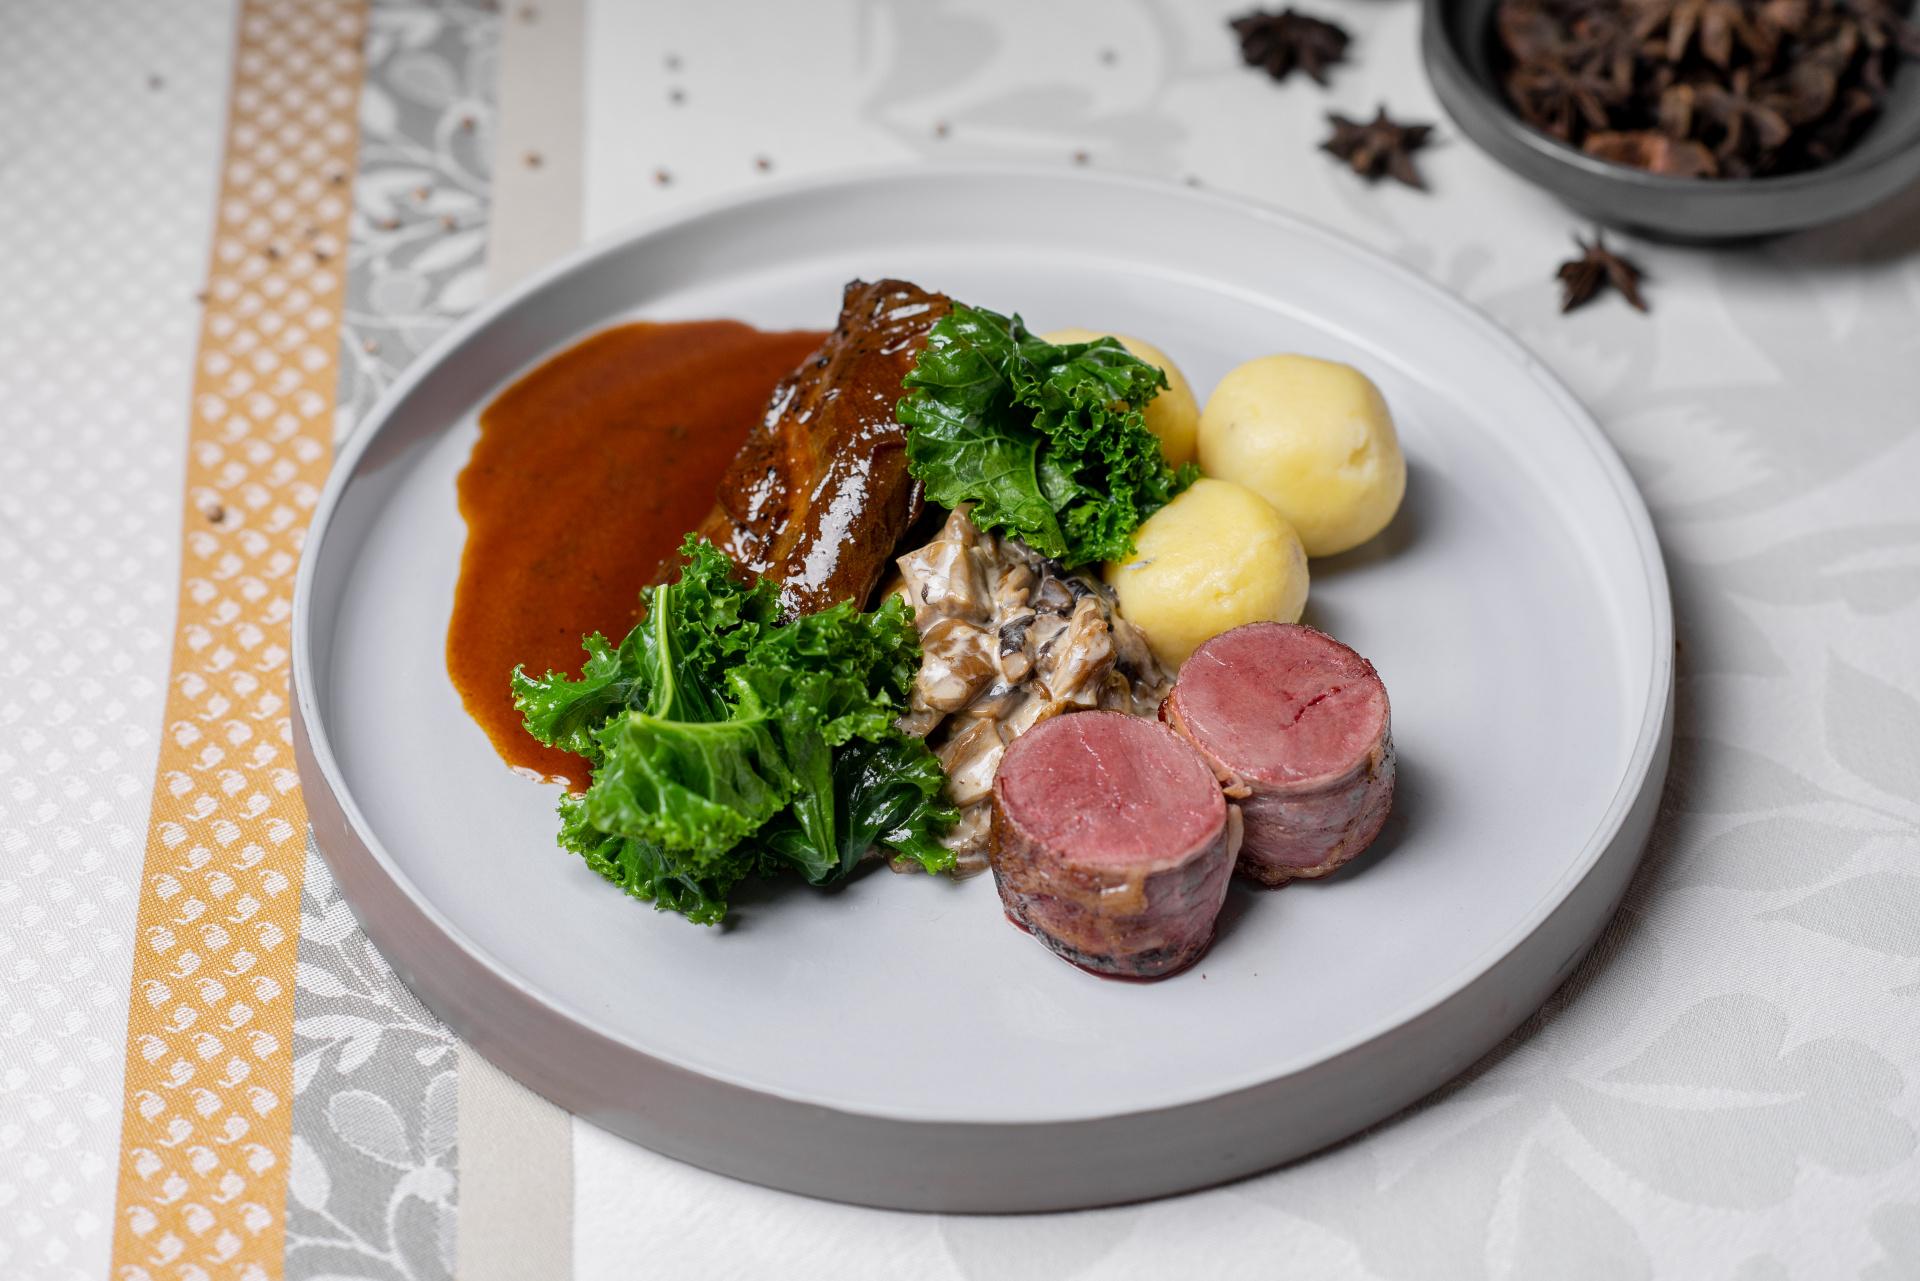 Dušený zajíc na špeku a houbách, bramborové knedlíky, kadeřávek a smetanové houbové ragú